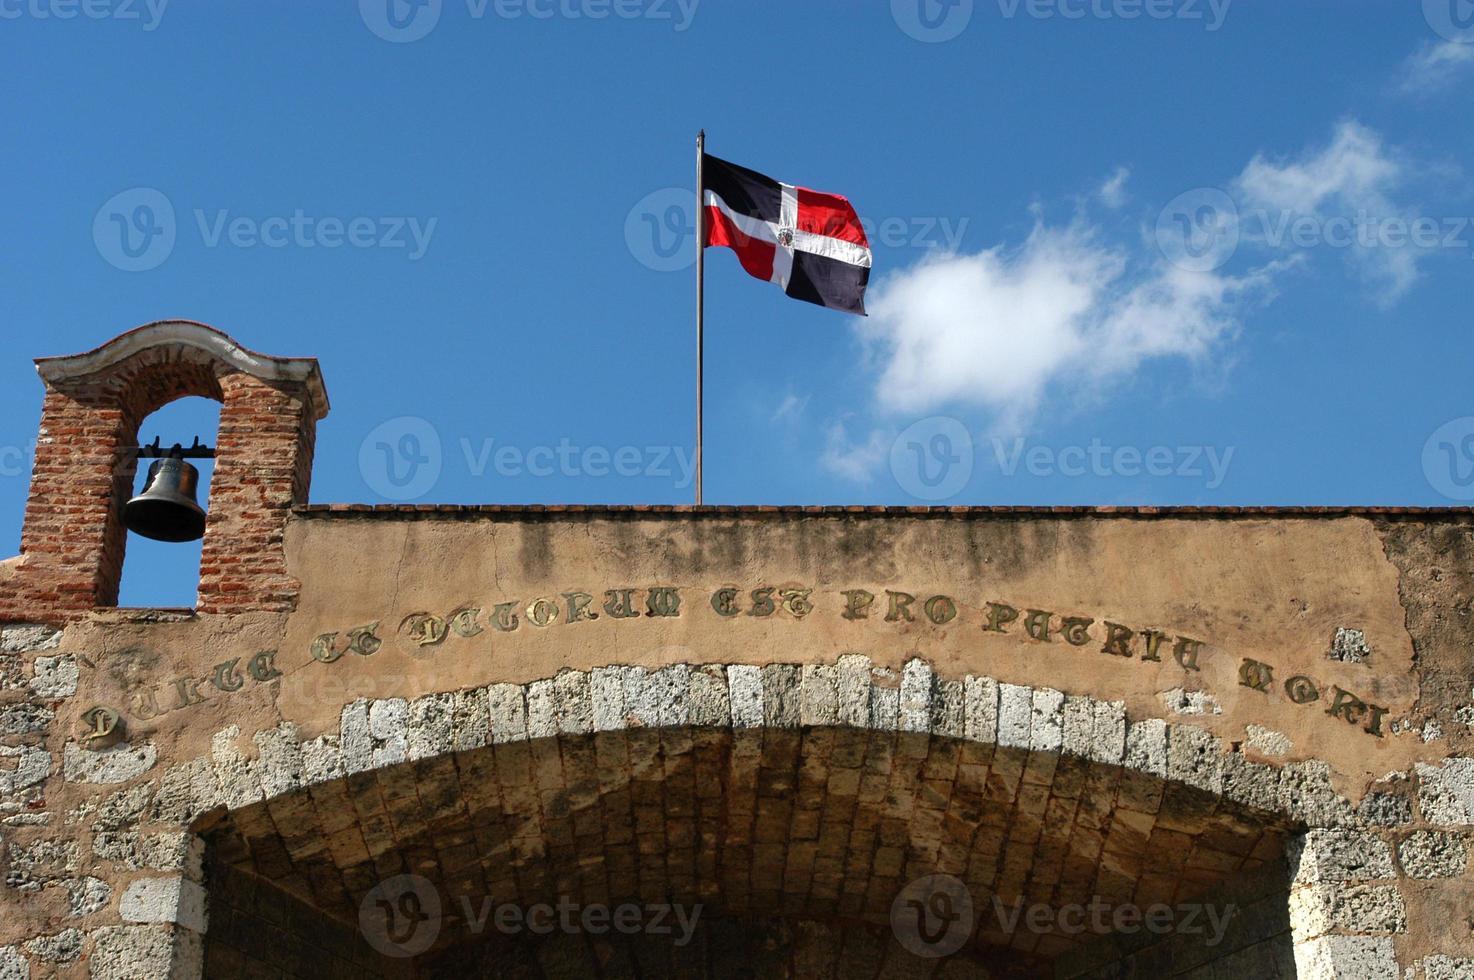 edificio coloniale e bandiera nazionale a Santo Domingo foto